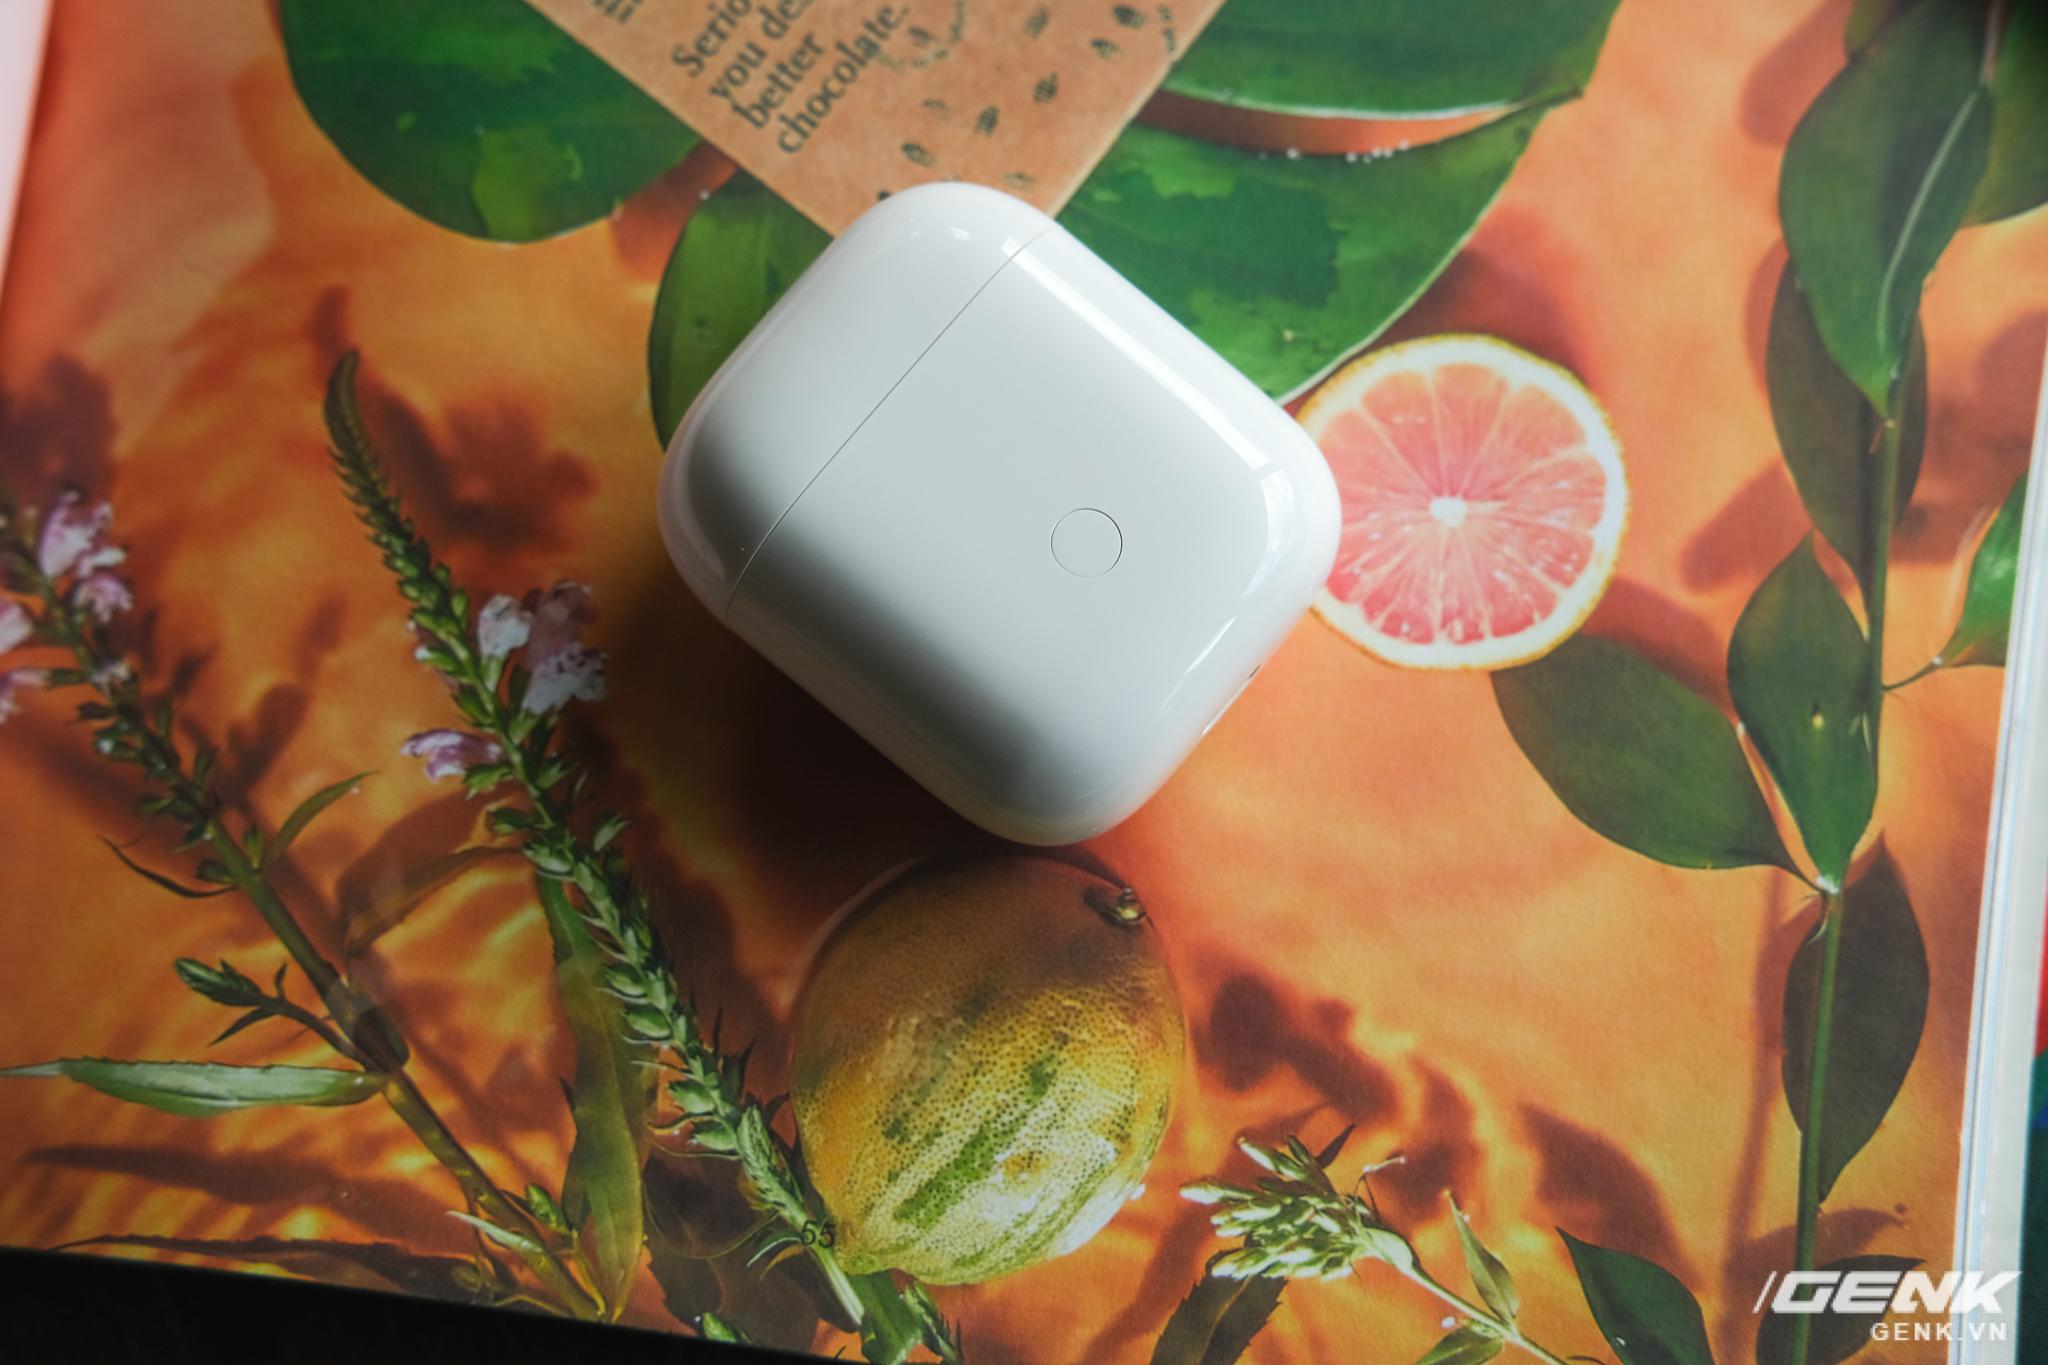 Trên tay tai nghe không dây Realme Buds Air Neo: Thoạt nhìn tưởng AirPods, có điều giá chưa đến 2 triệu đồng - Ảnh 4.